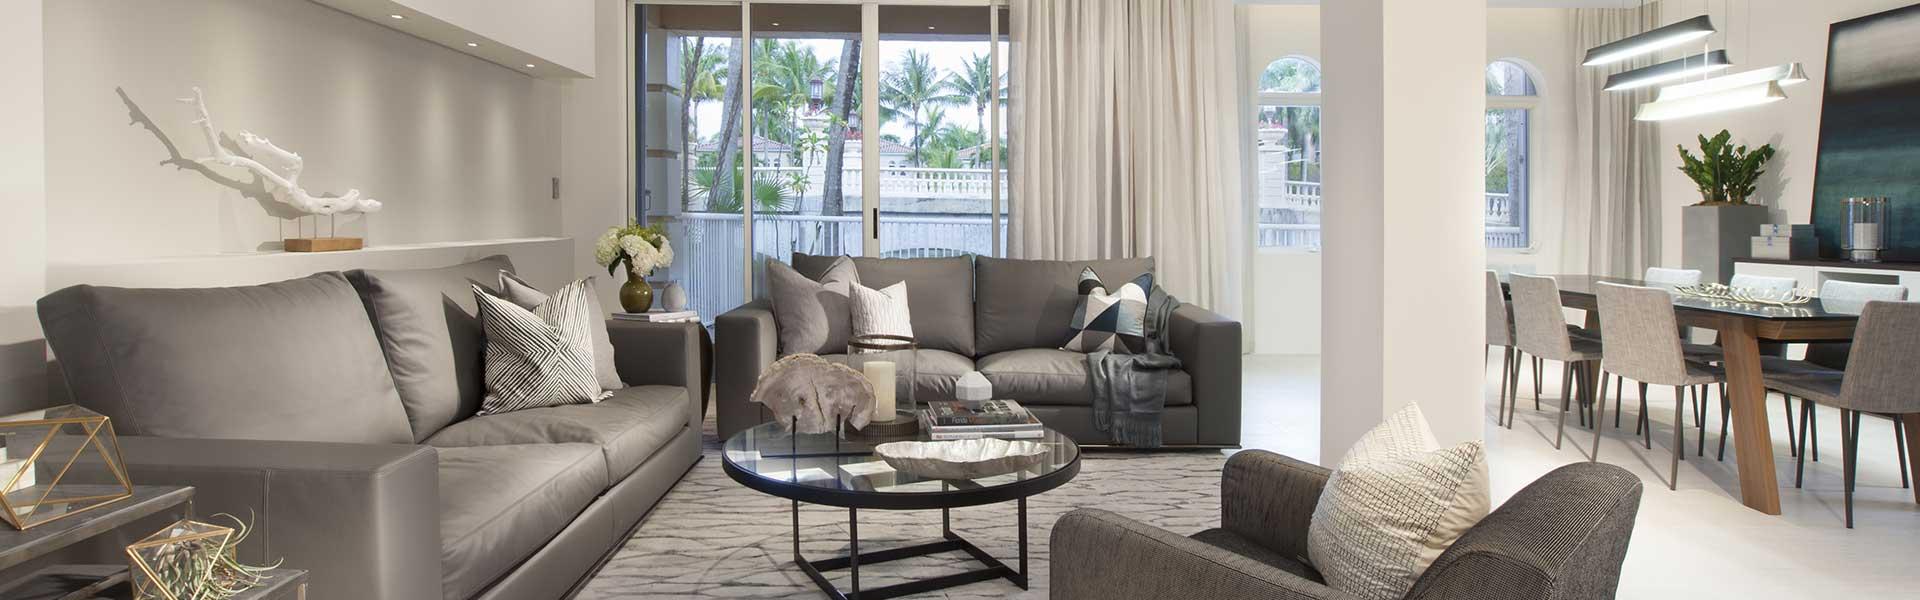 Dkor interiors miami residential interior design firm for Residential interior design firms